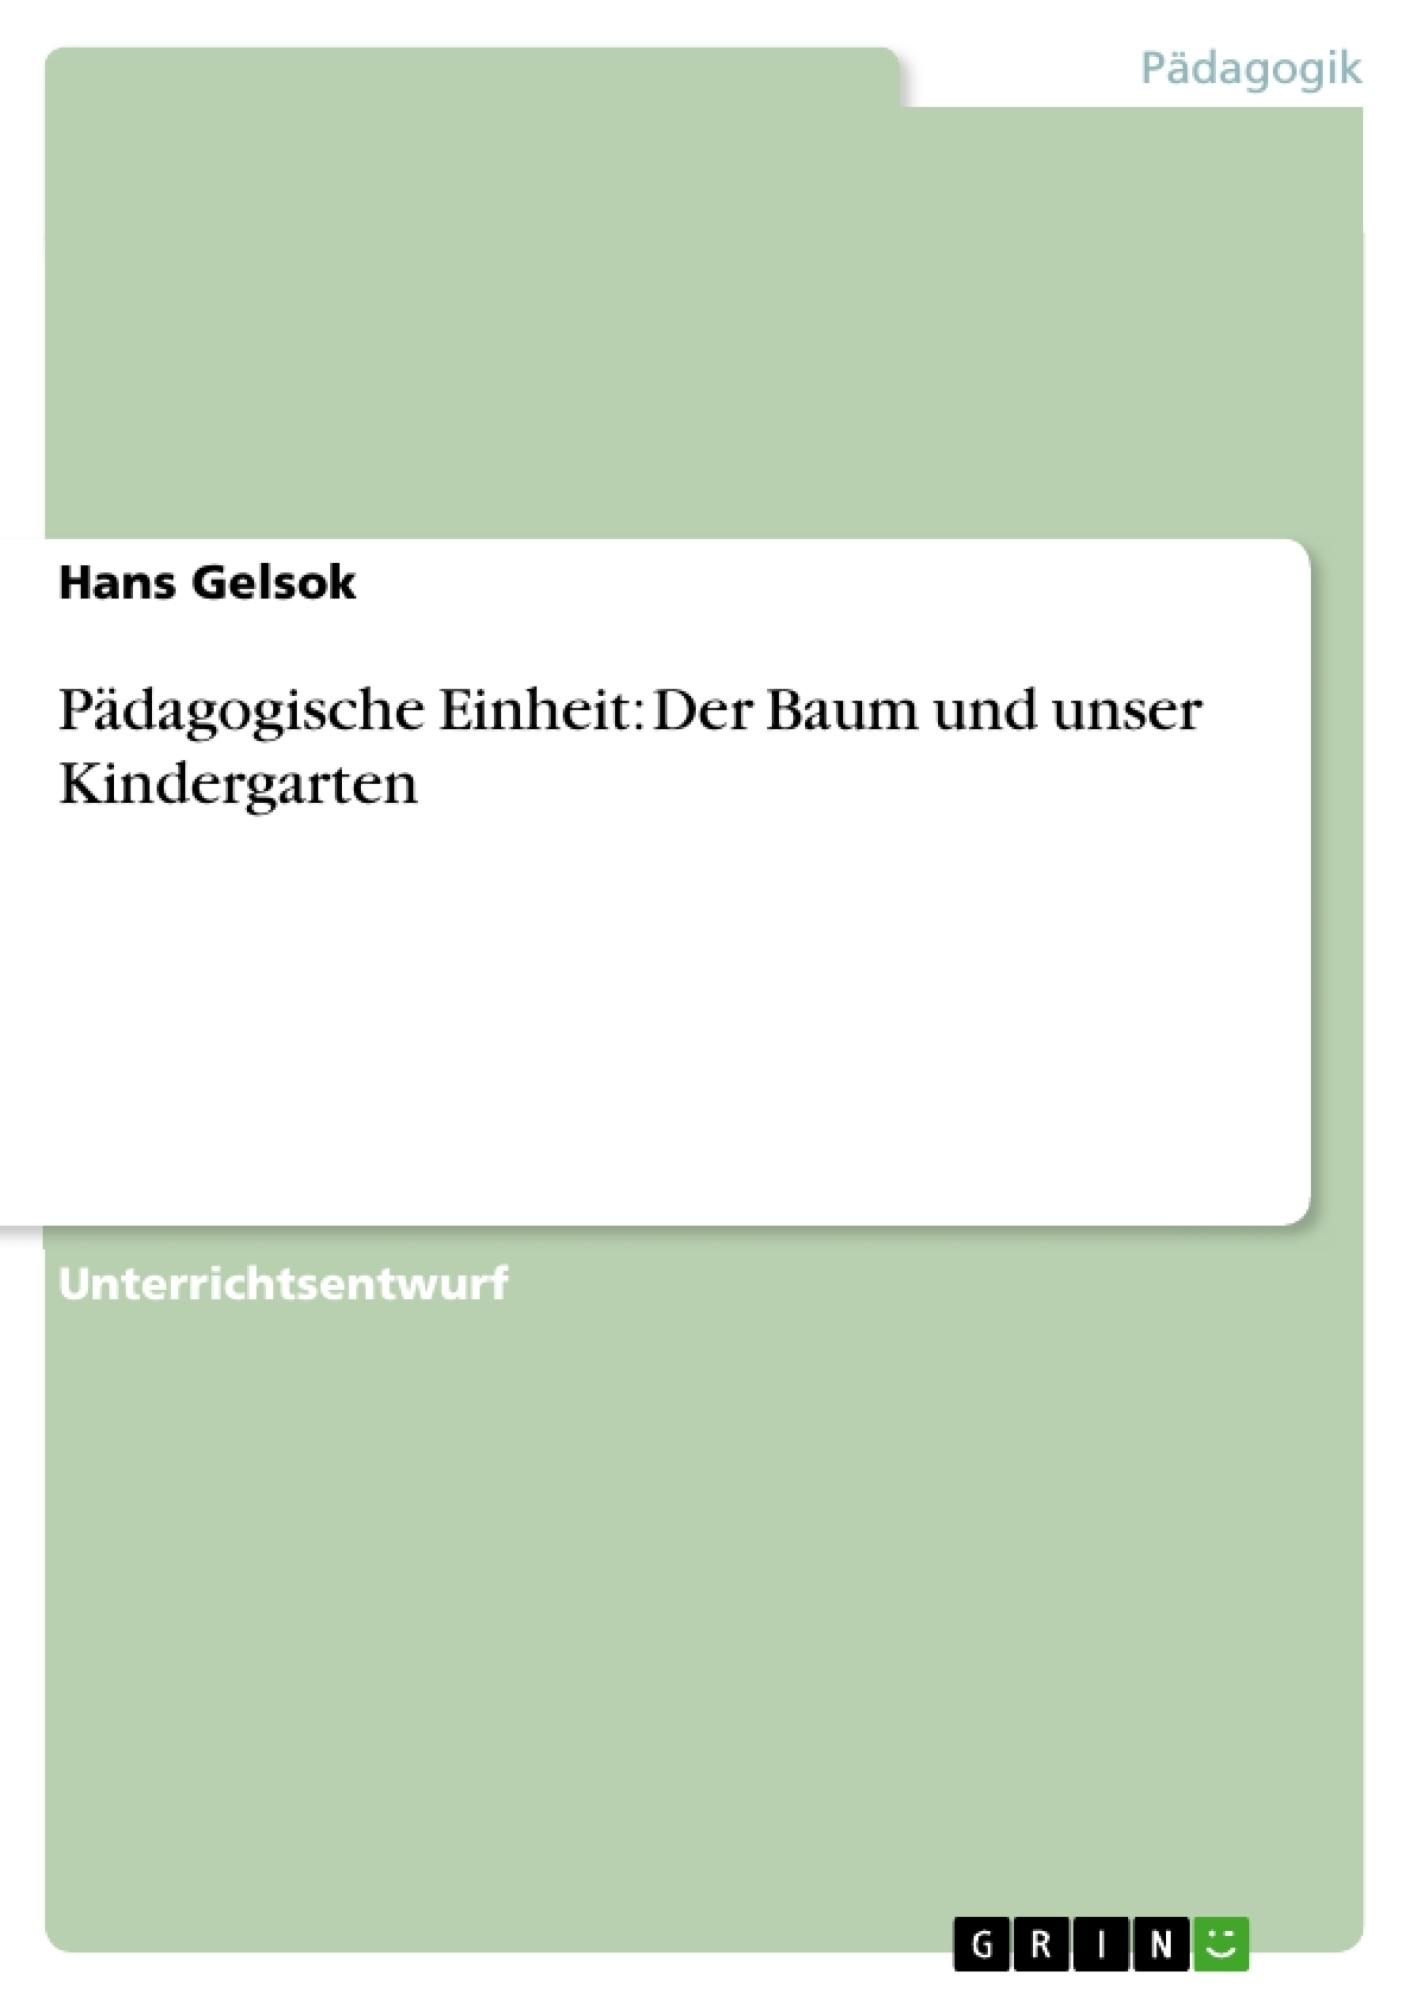 Titel: Pädagogische Einheit: Der Baum und unser Kindergarten